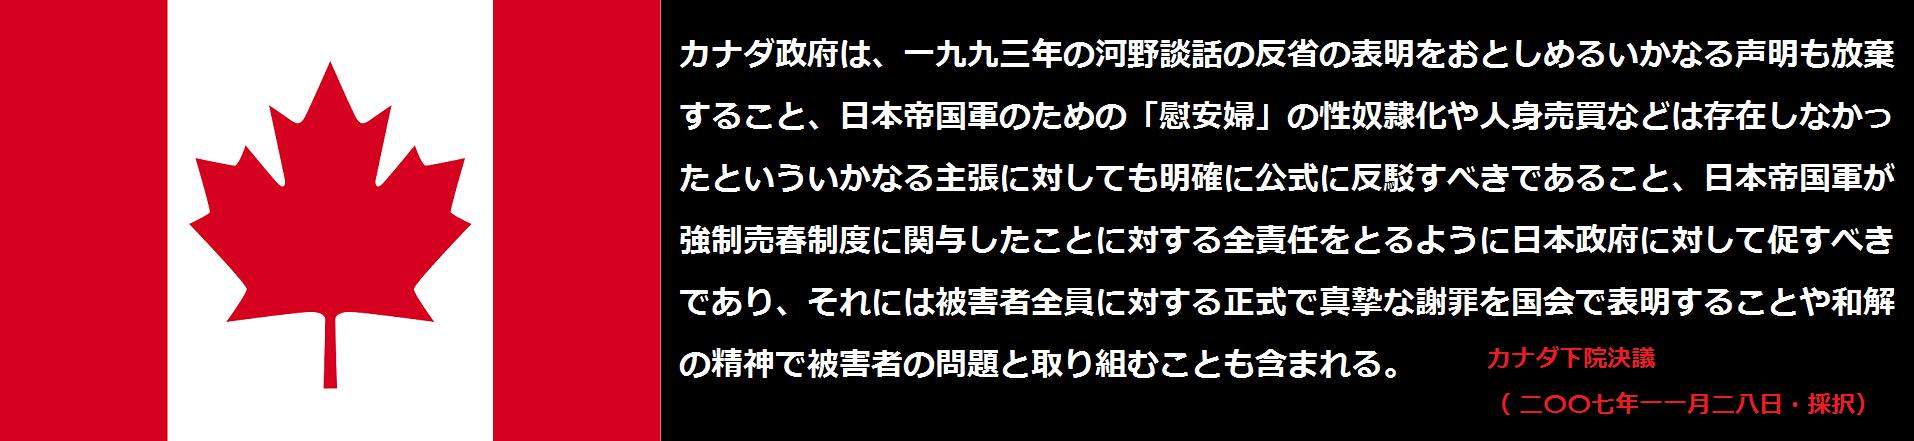 f:id:JAPbuster:20170107173229p:plain